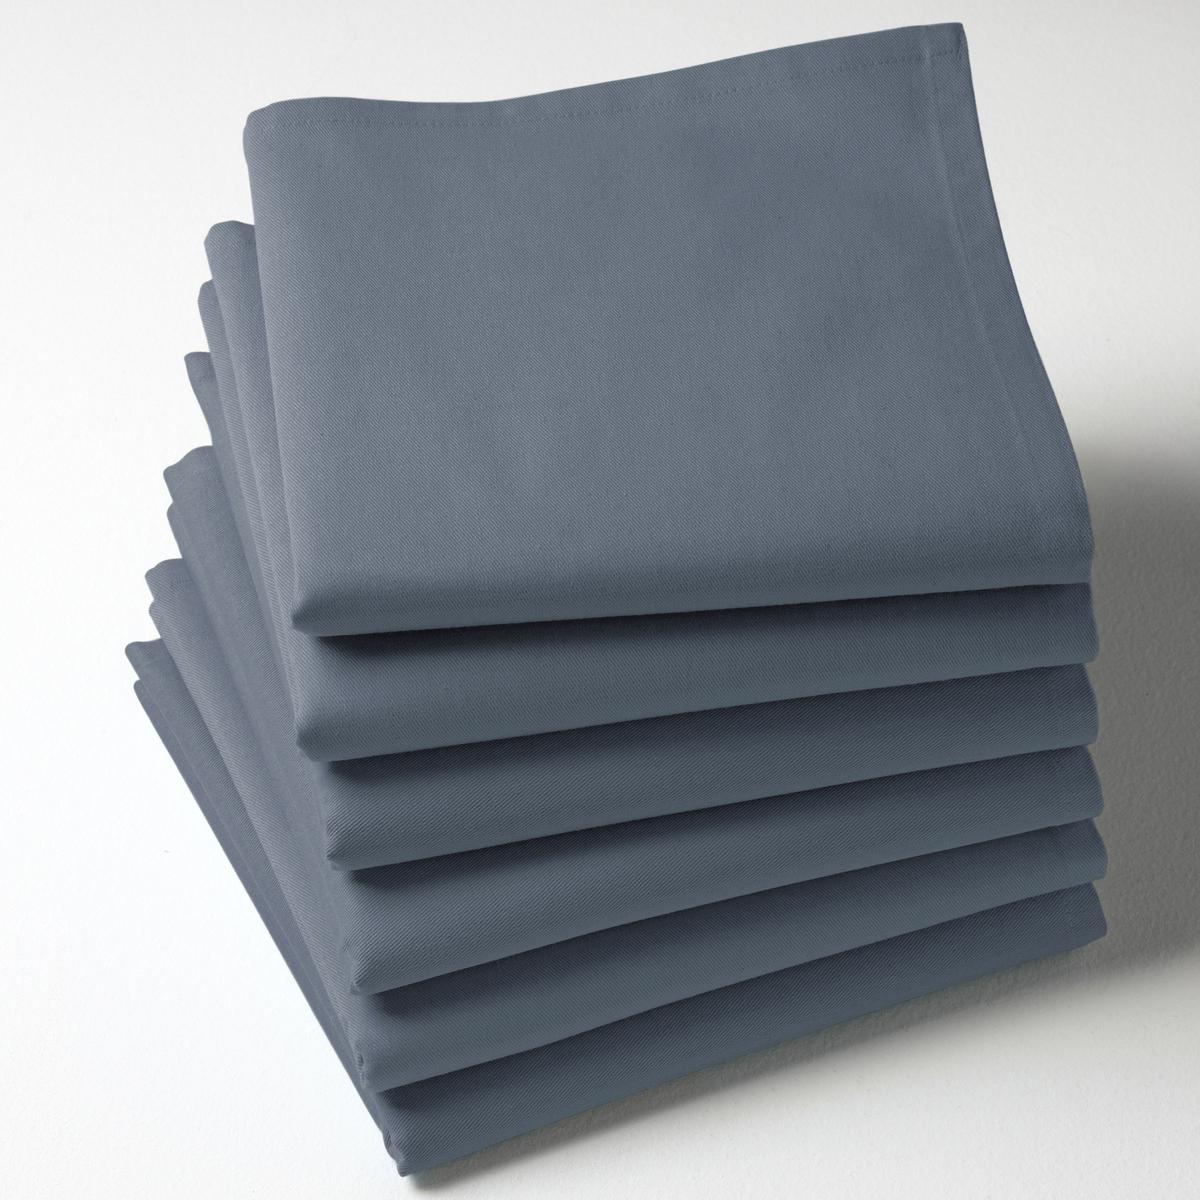 6 салфетокКачество Valeur S?re. Однотонные салфетки из саржи, 100% хлопка. 45 х 45 см. Мягкий и прочный материал. Легко гладить. Стирка при 40°.<br><br>Цвет: красный,розовая пудра,серо-коричневый каштан,Серо-синий,серый,сливовый<br>Размер: 45 x 45  см.45 x 45  см